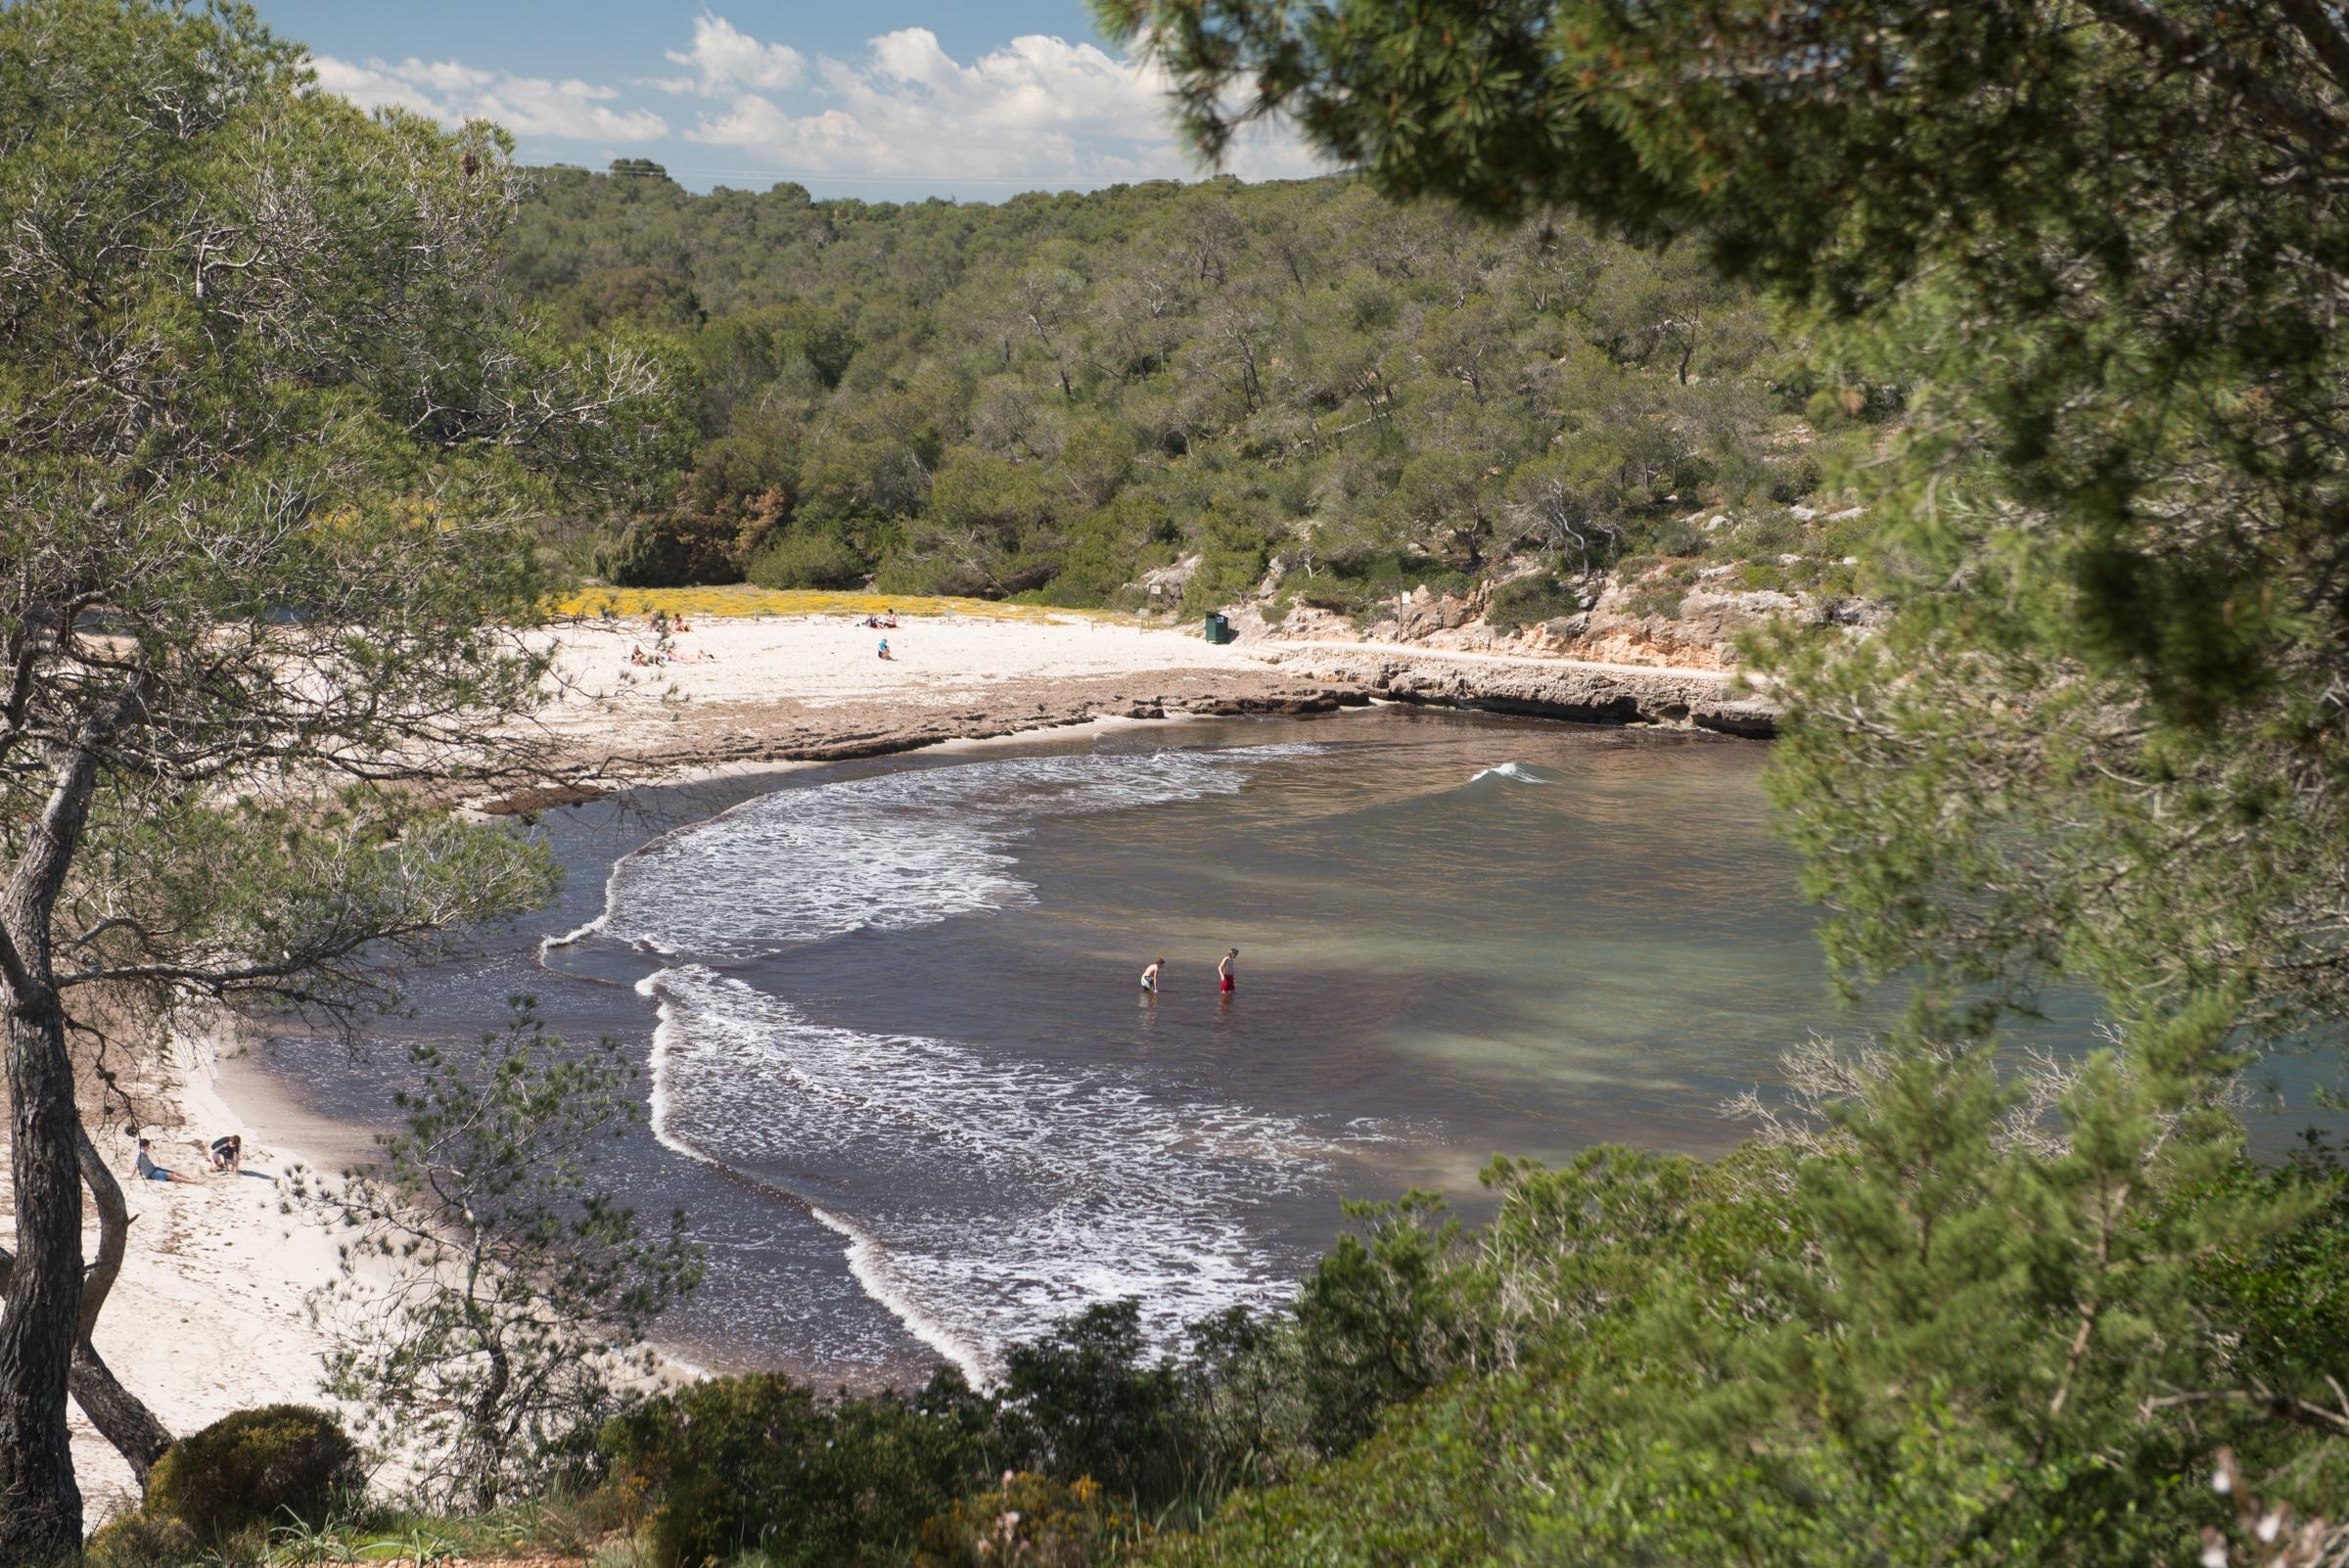 20140404 8418 - s' Amarrador beach in Mondragó NP